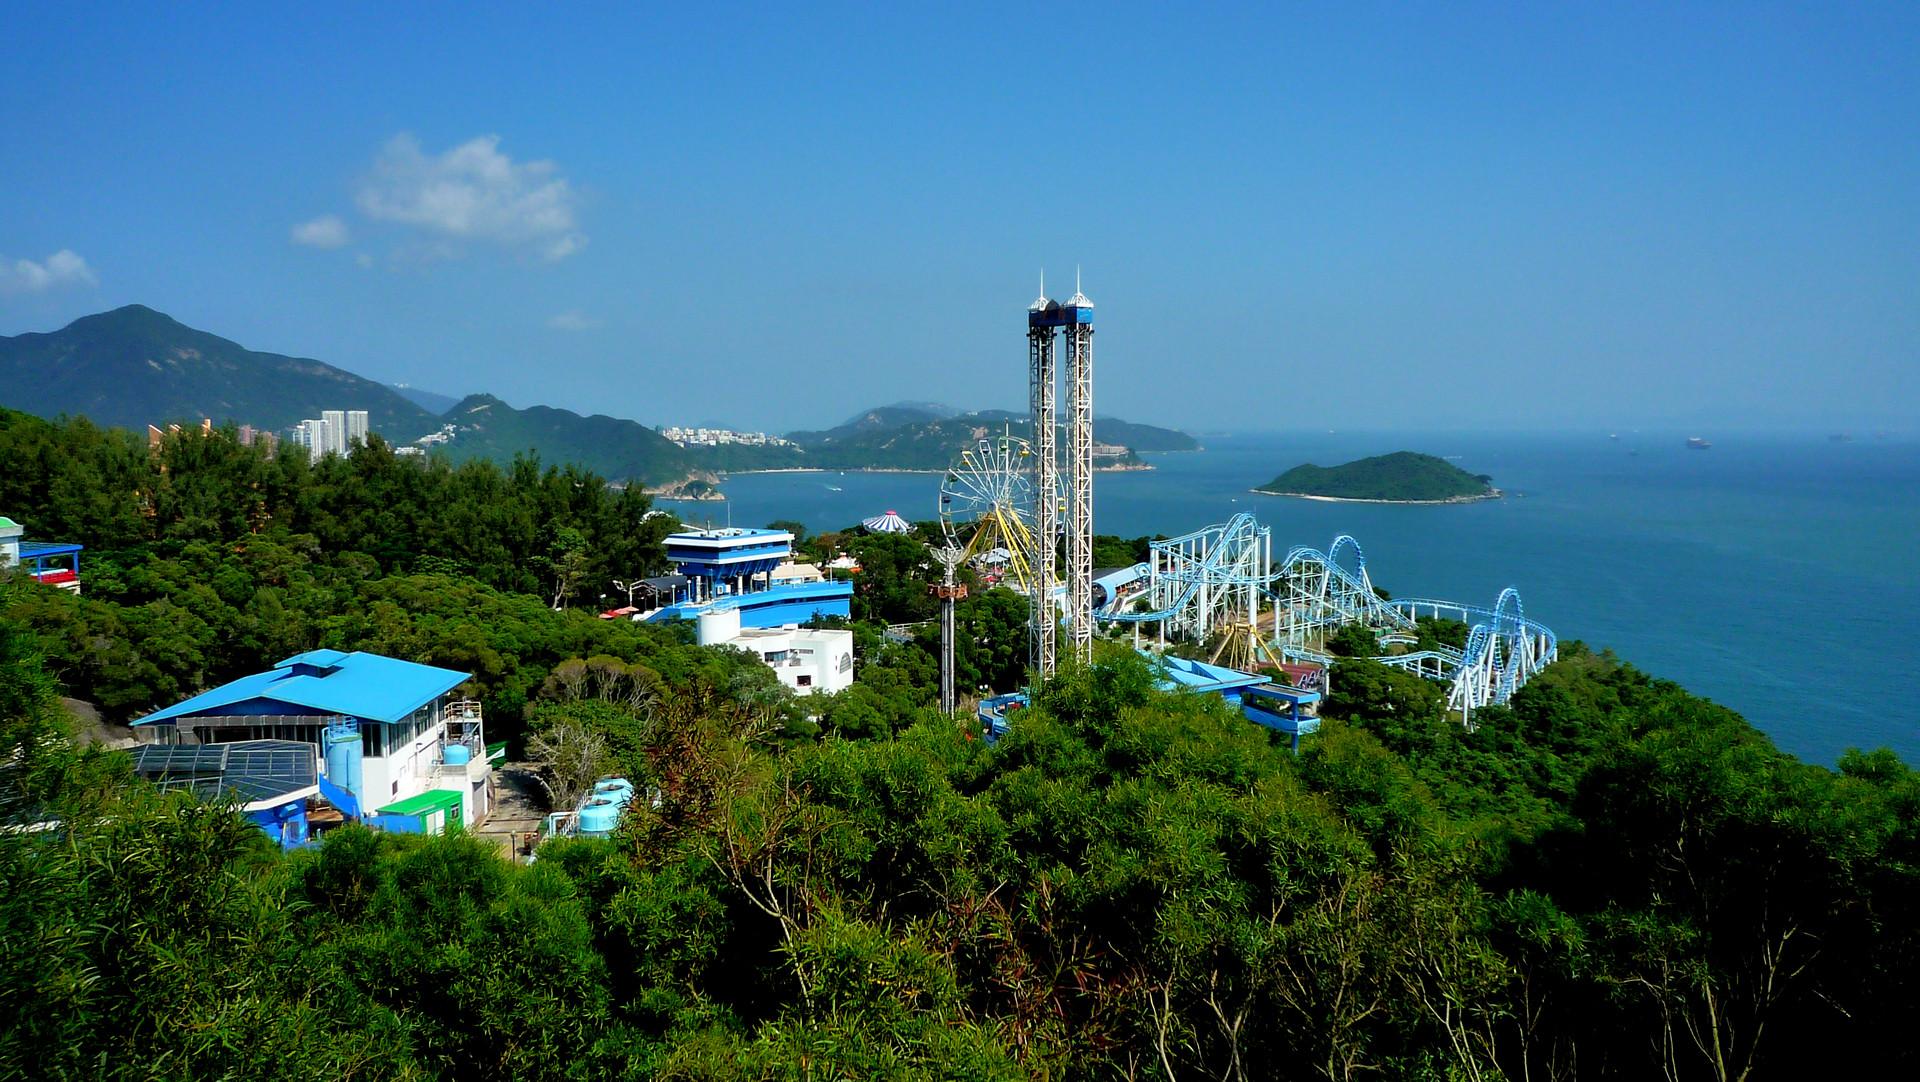 香港海洋公园封面图